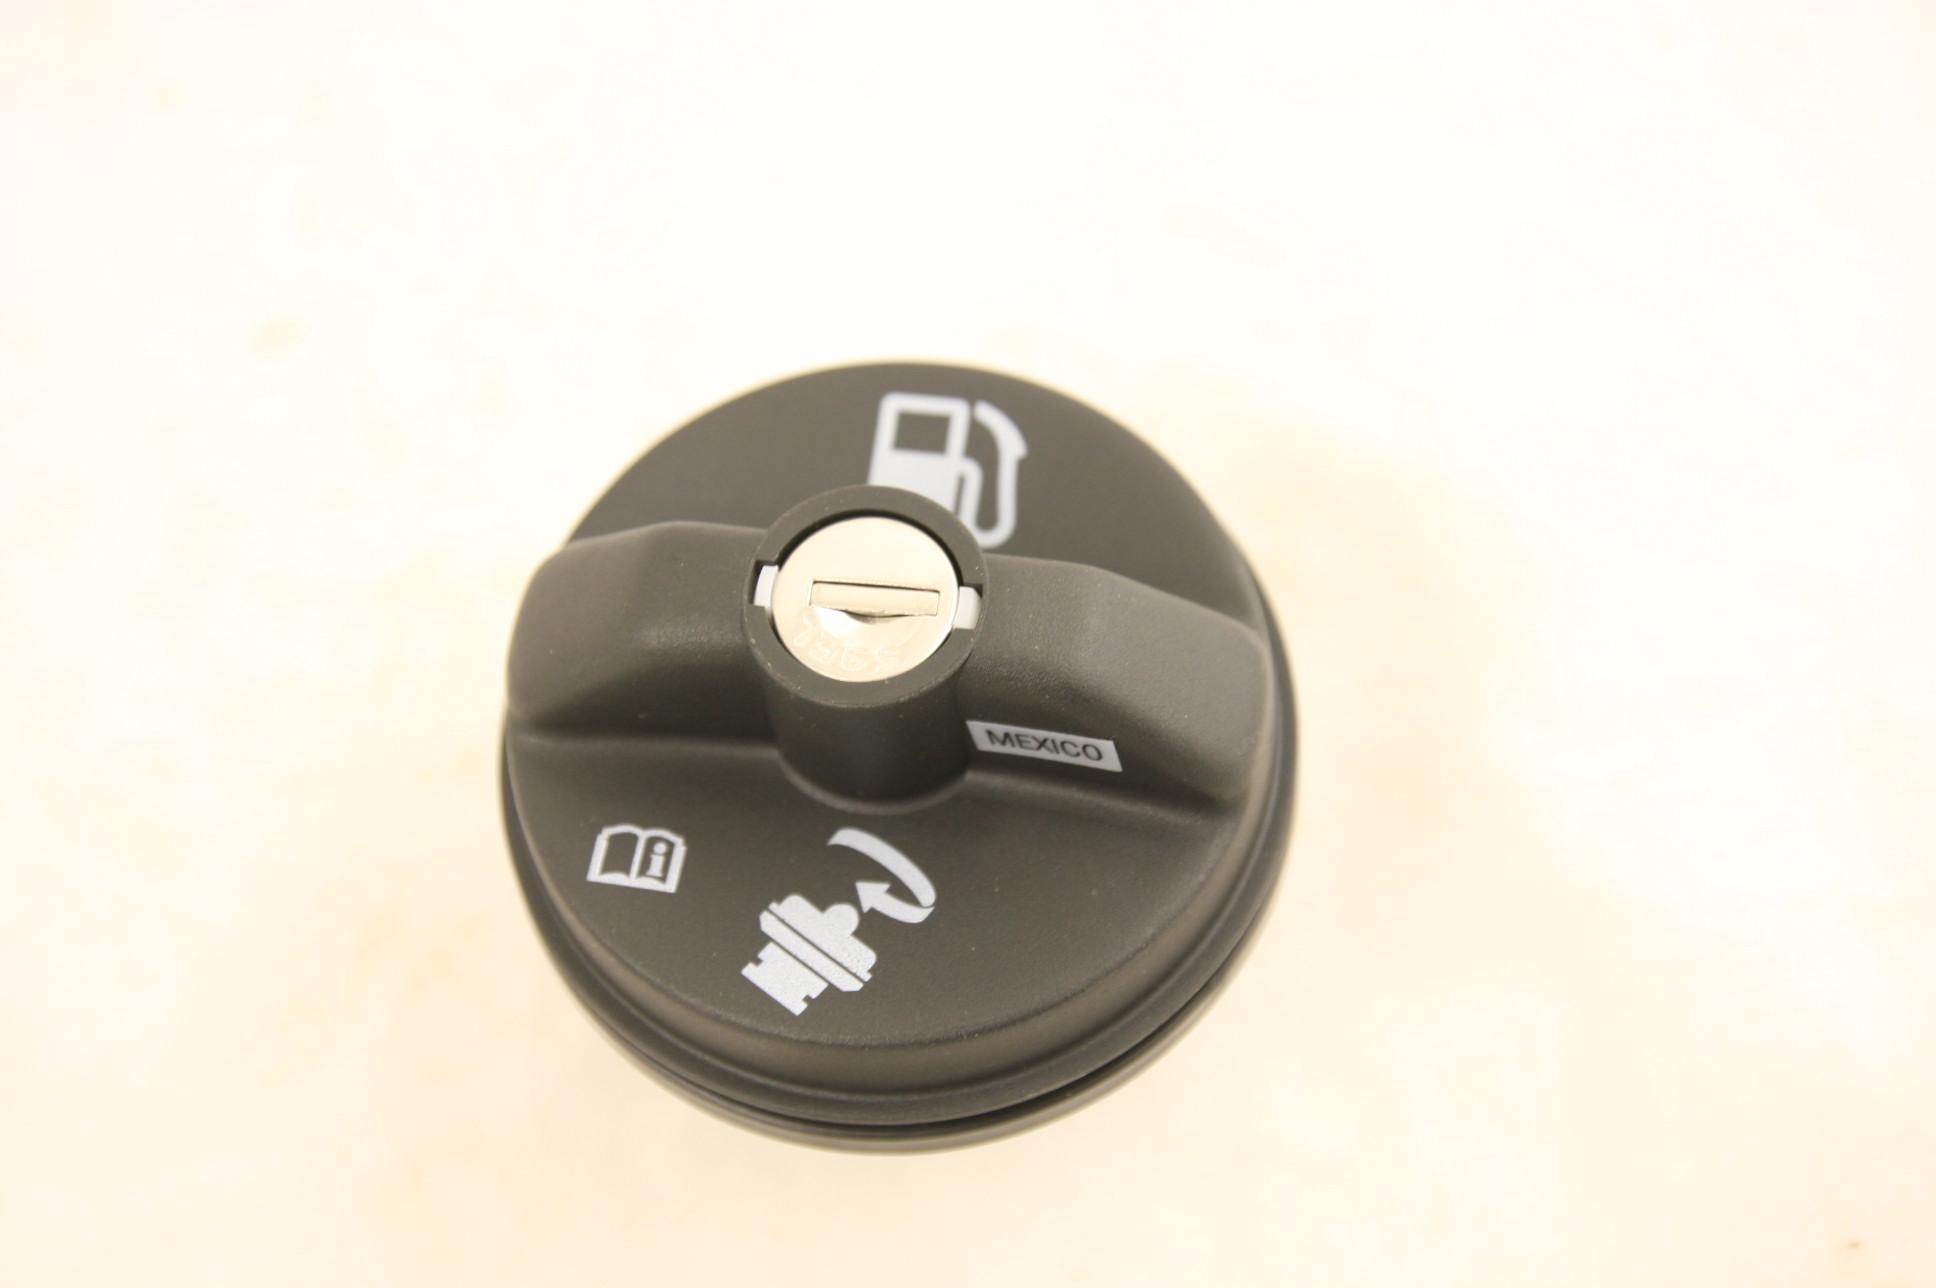 New OEM Original ACDelco Fuel Tank Cap Cap Locking Gas Cap 22720375 GT270 NIP - image 4